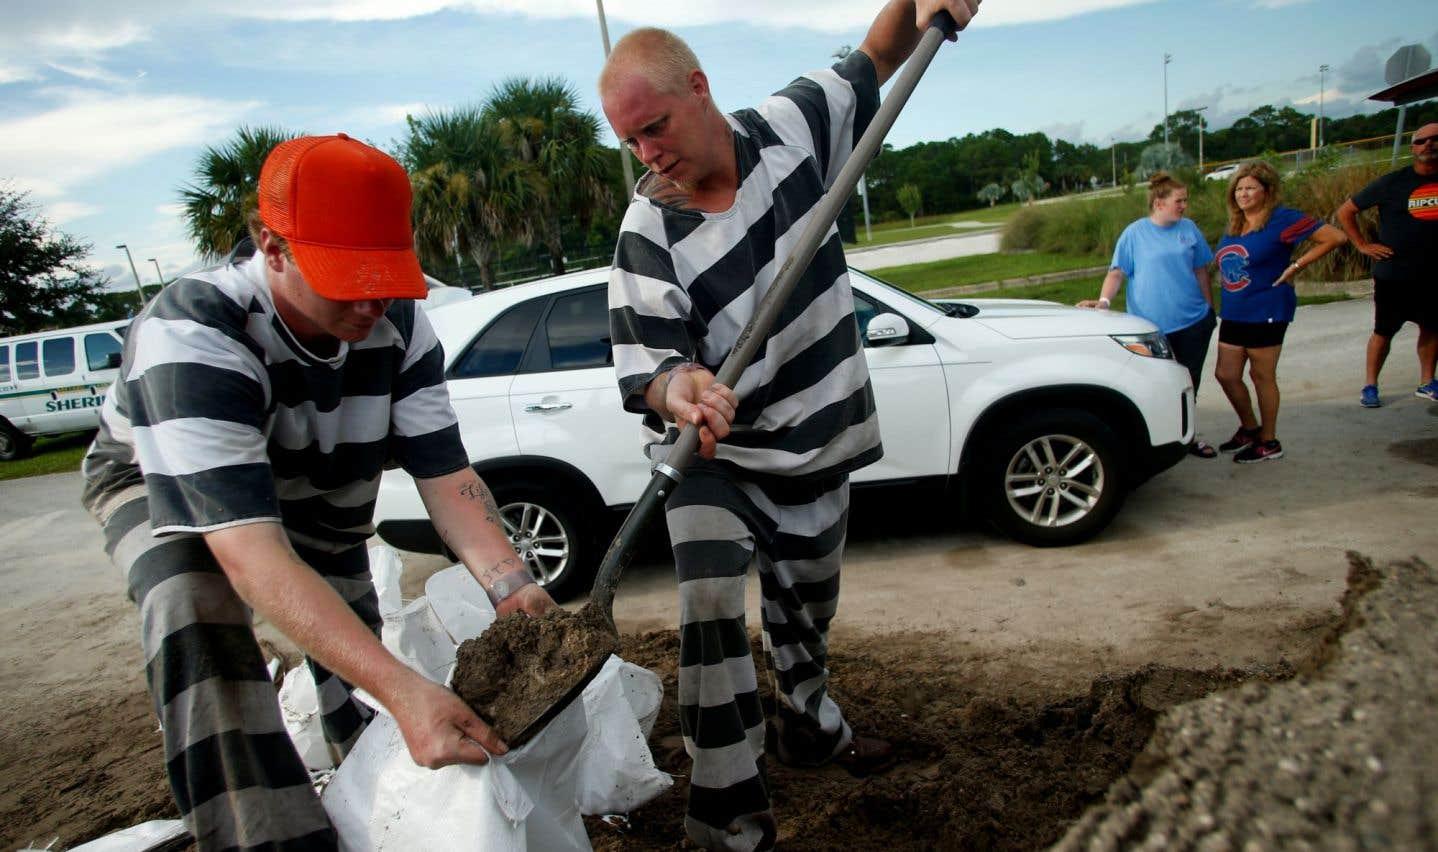 Des détenus de la prison du comté de Brevard chargent des sacs de sable alors que les gens de la région se préparent à l'arrivée de l'ouragan «Irma», à Meritt Island, en Floride.